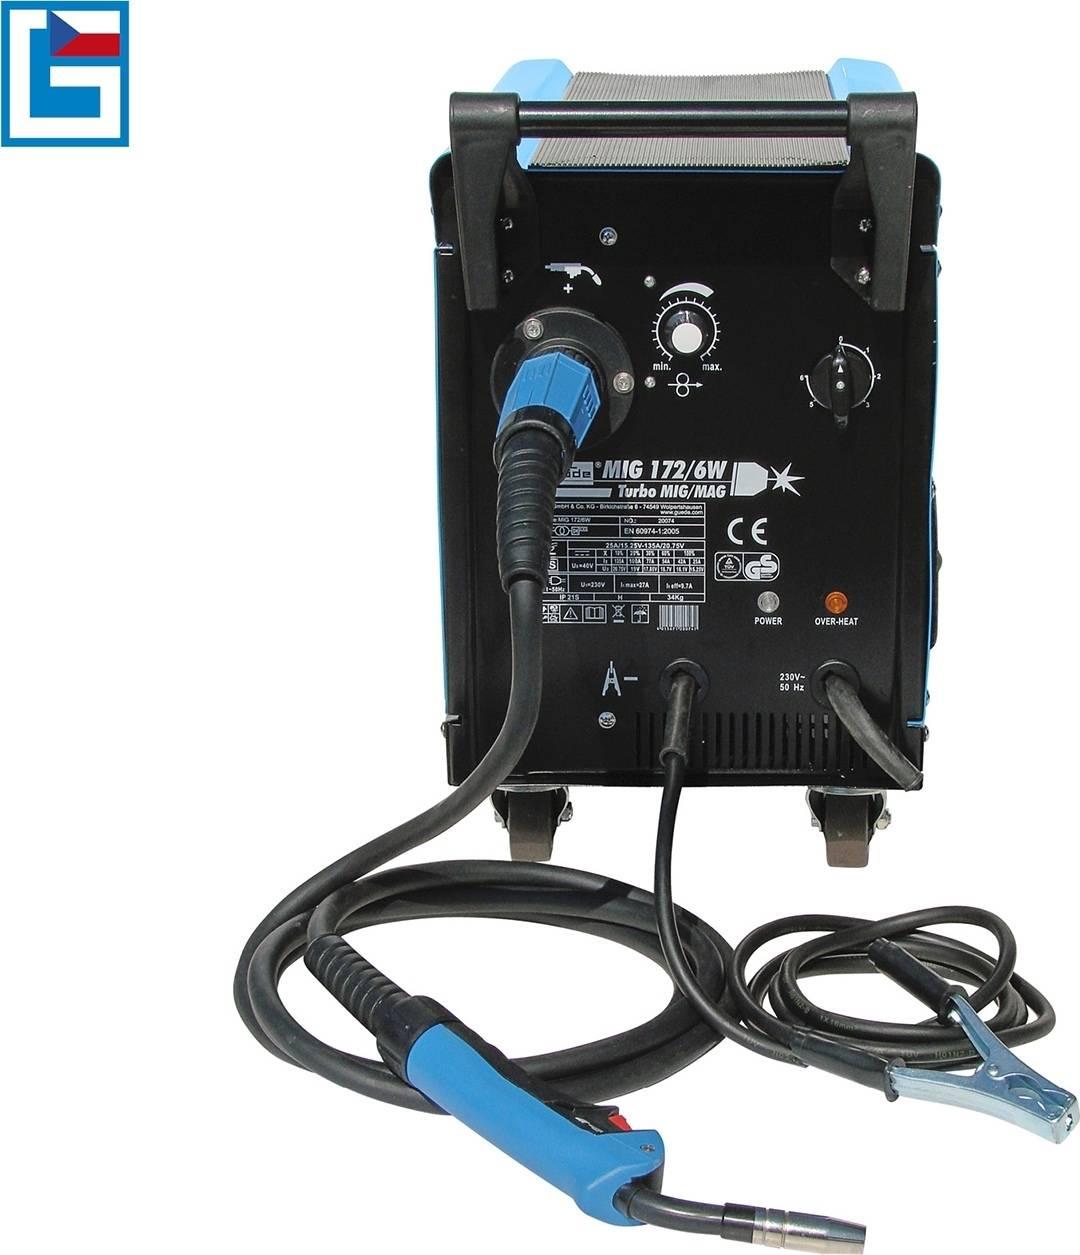 Svářečka MIG 172/6 W pro svařování v ochranné atmosféře 20074 GÜDE